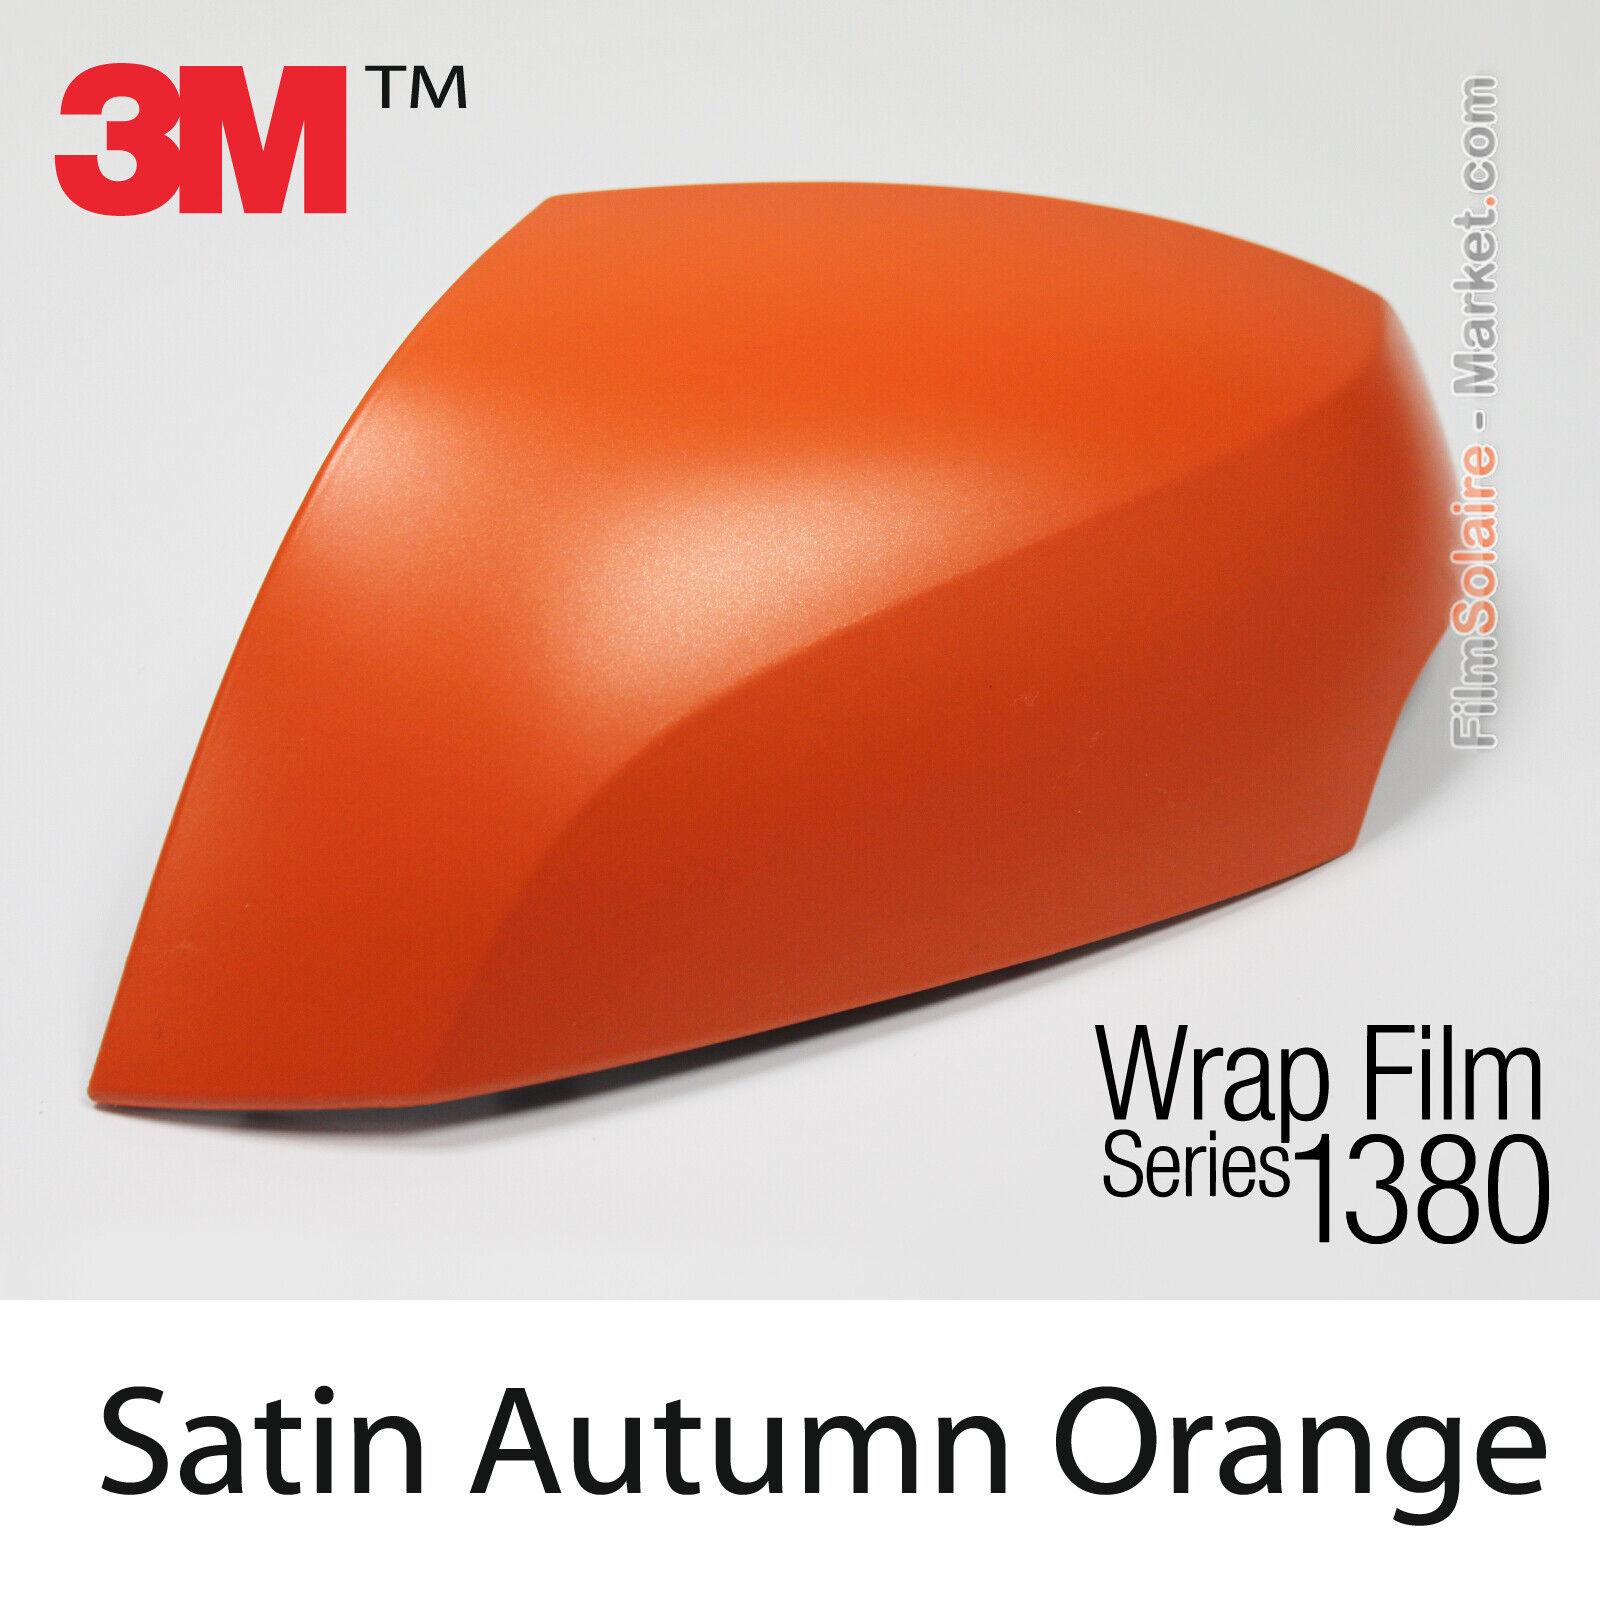 Raso Autunno Arancione Metallizzato 3M 1380 S284 New Ser Car Wrapping Copertura